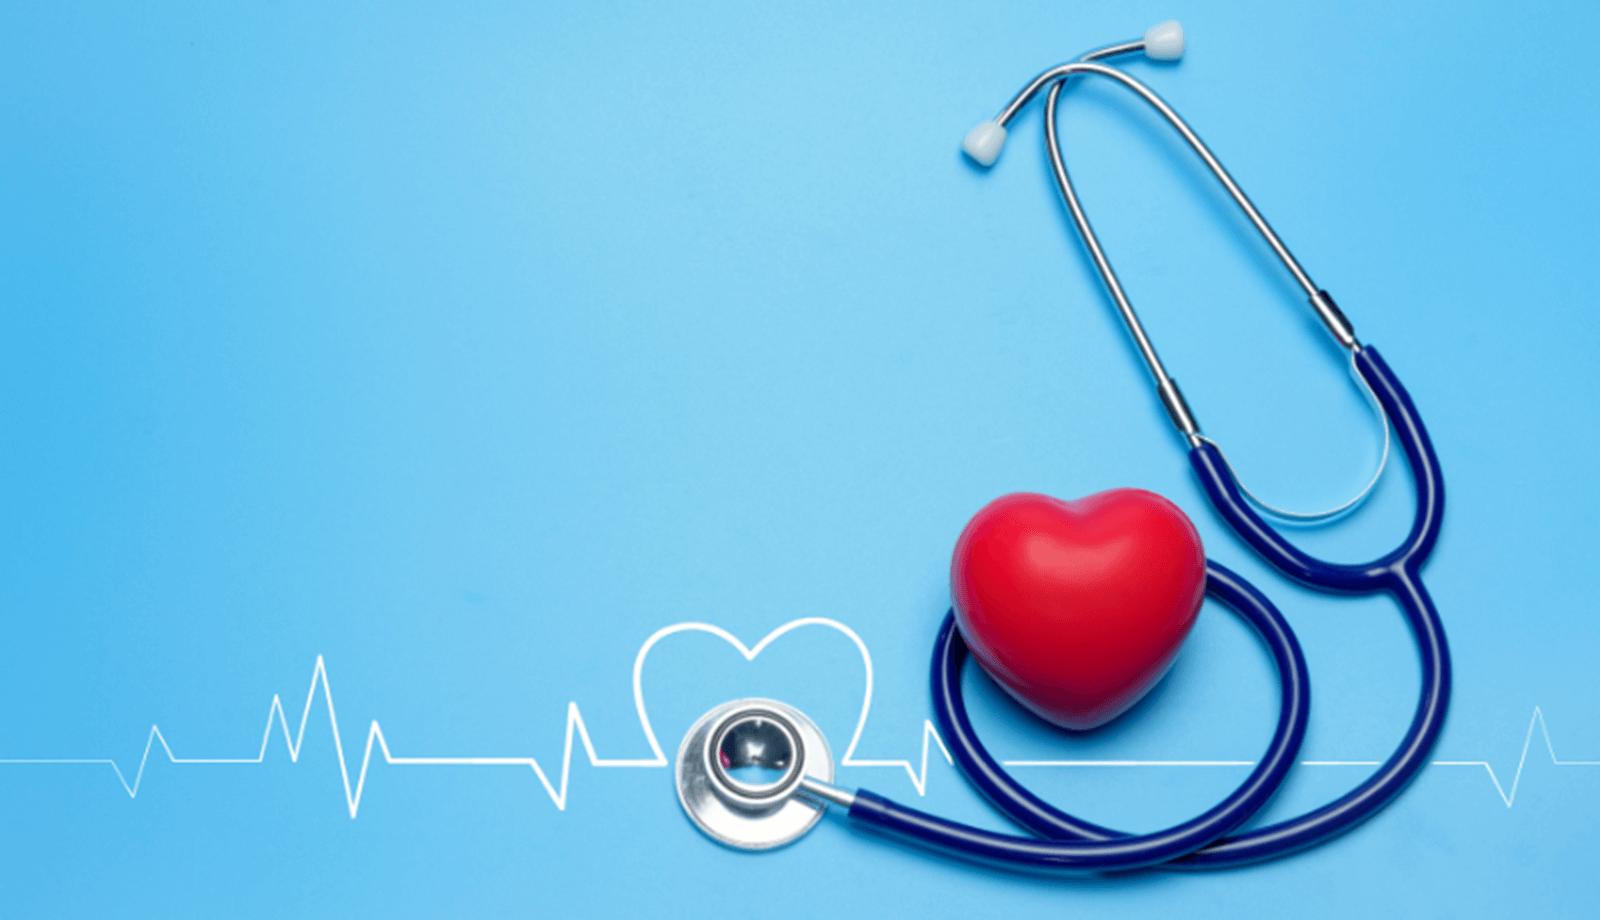 magas vérnyomás kezelésére jóddal magas vérnyomás megelőzési módszerek